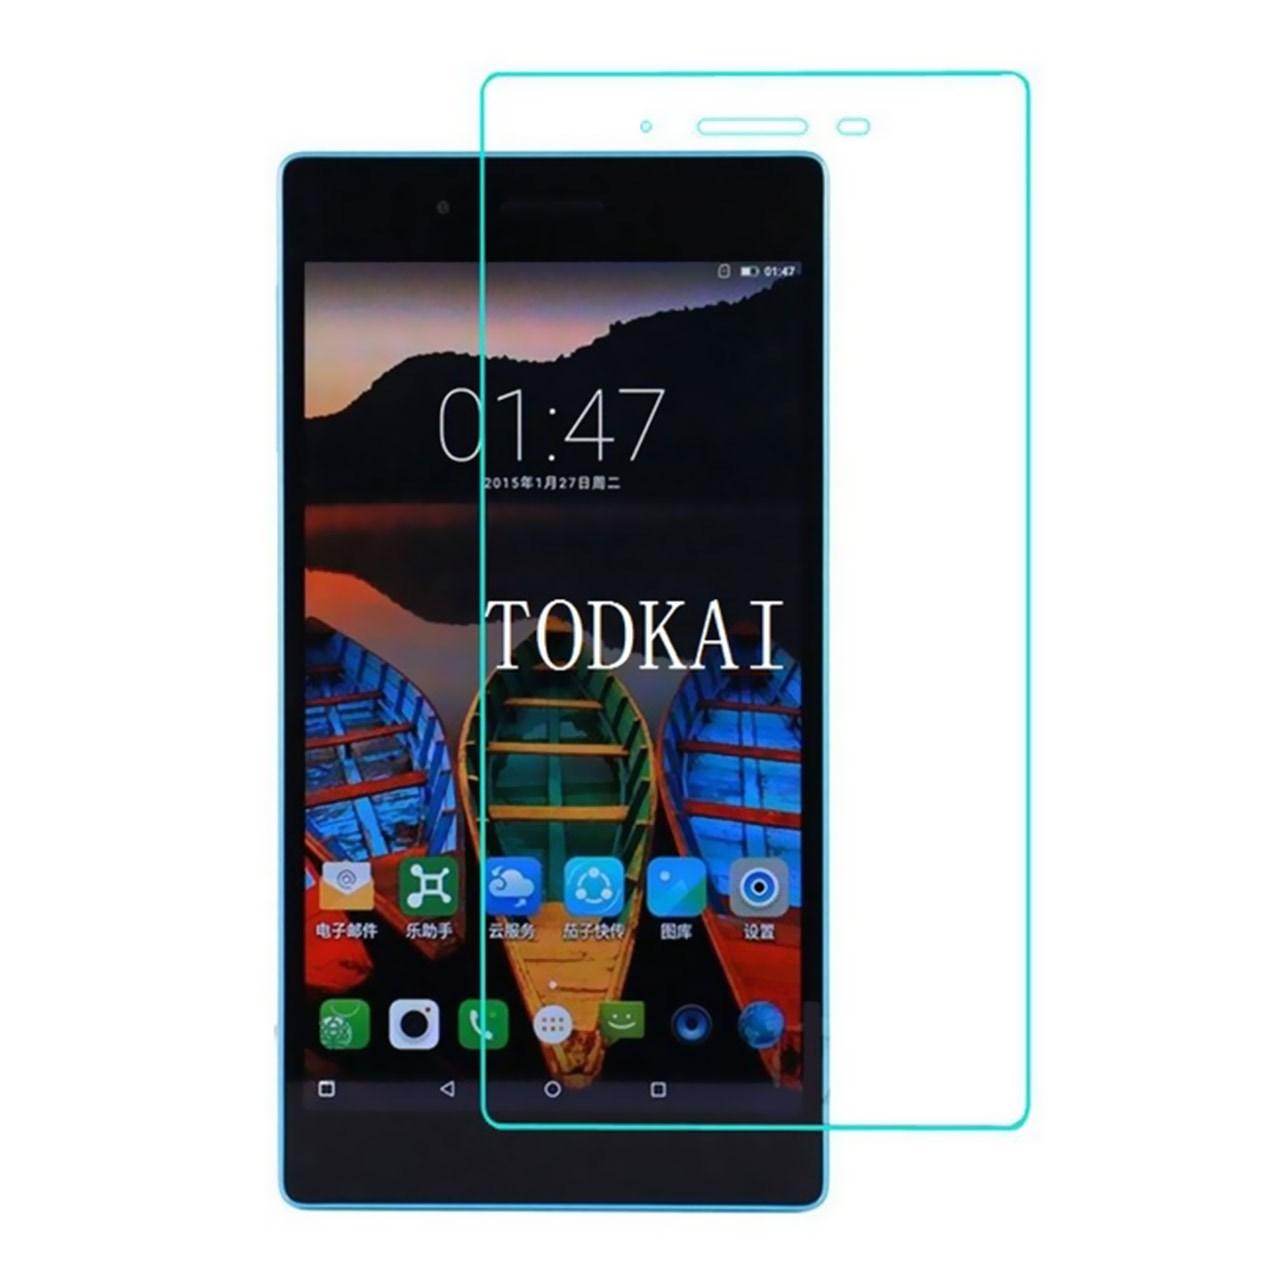 محافظ صفحه نمایش شیشه ای تمپرد مناسب برای تبلت لنوو Tab 3 7 Essential 4G